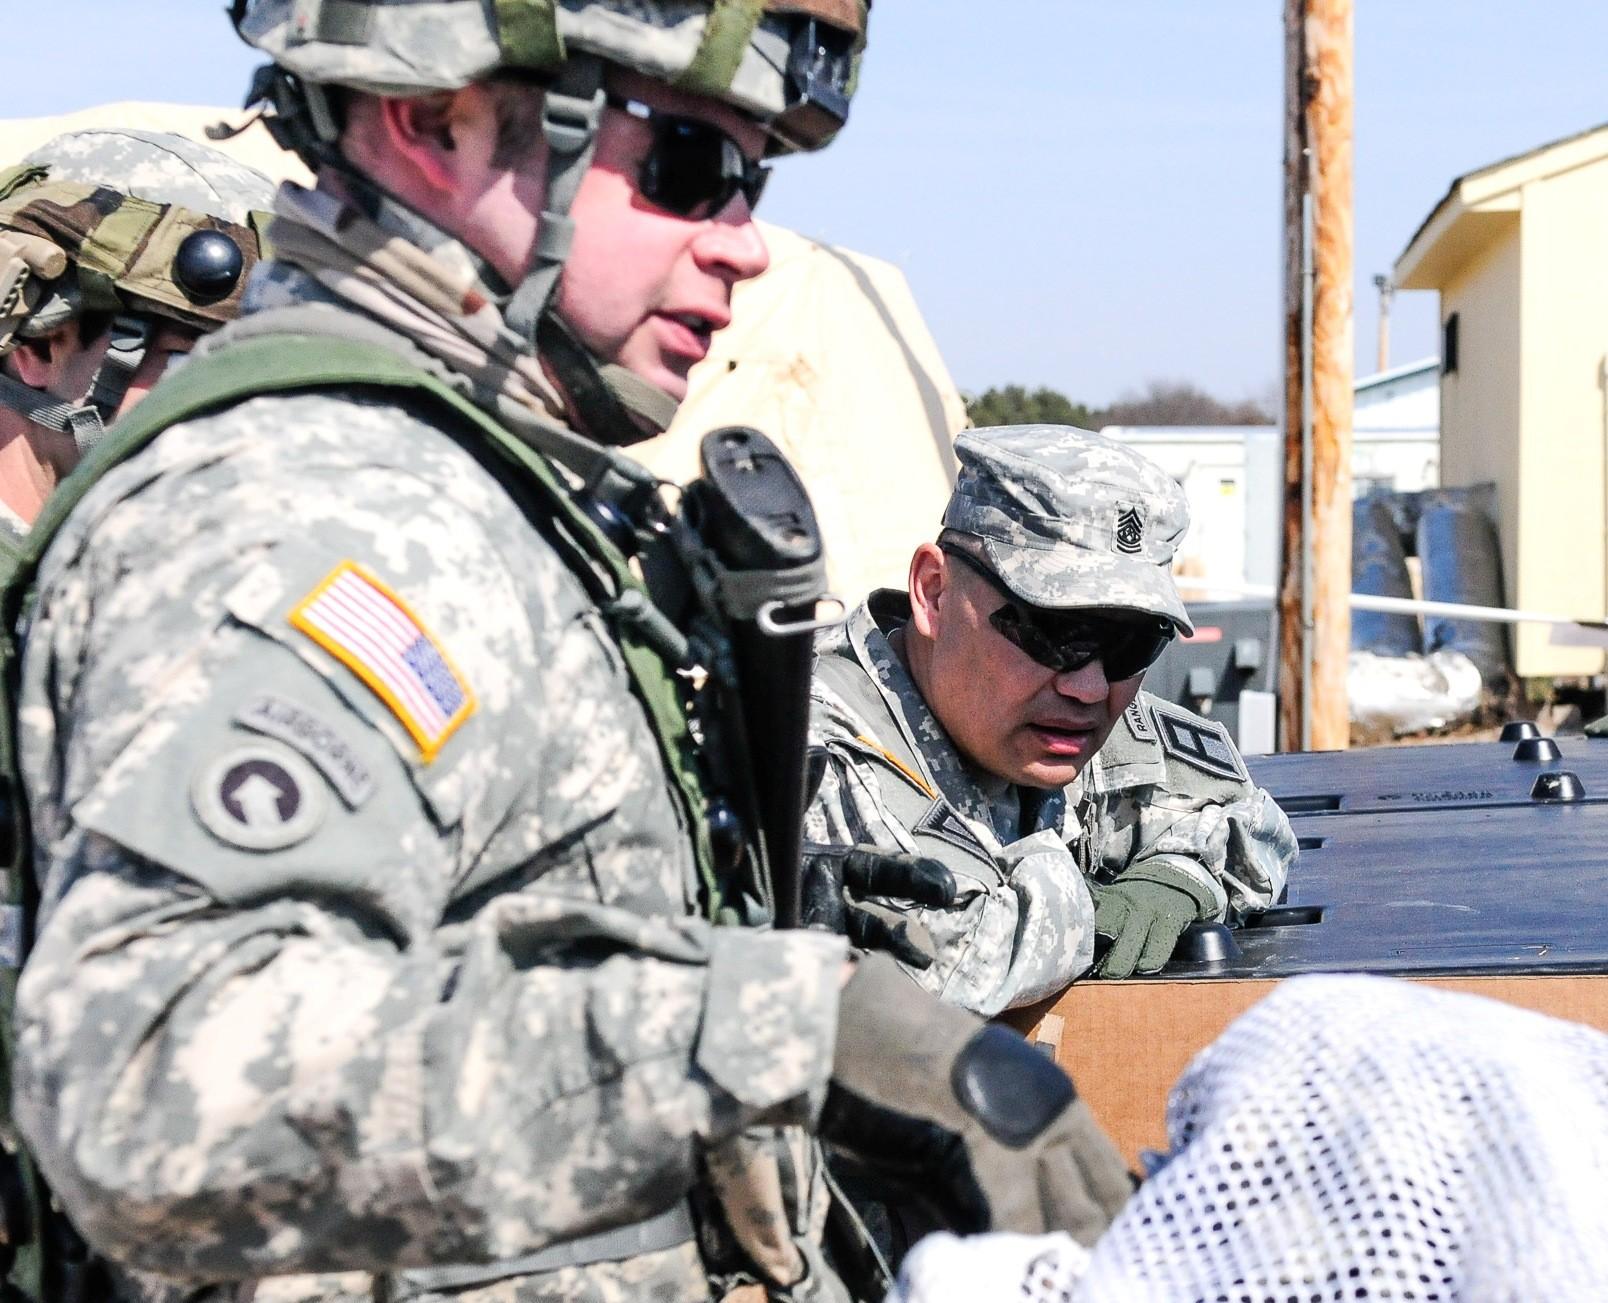 warex equips iers for combat deployments article the warex 2014 equips iers for combat deployments